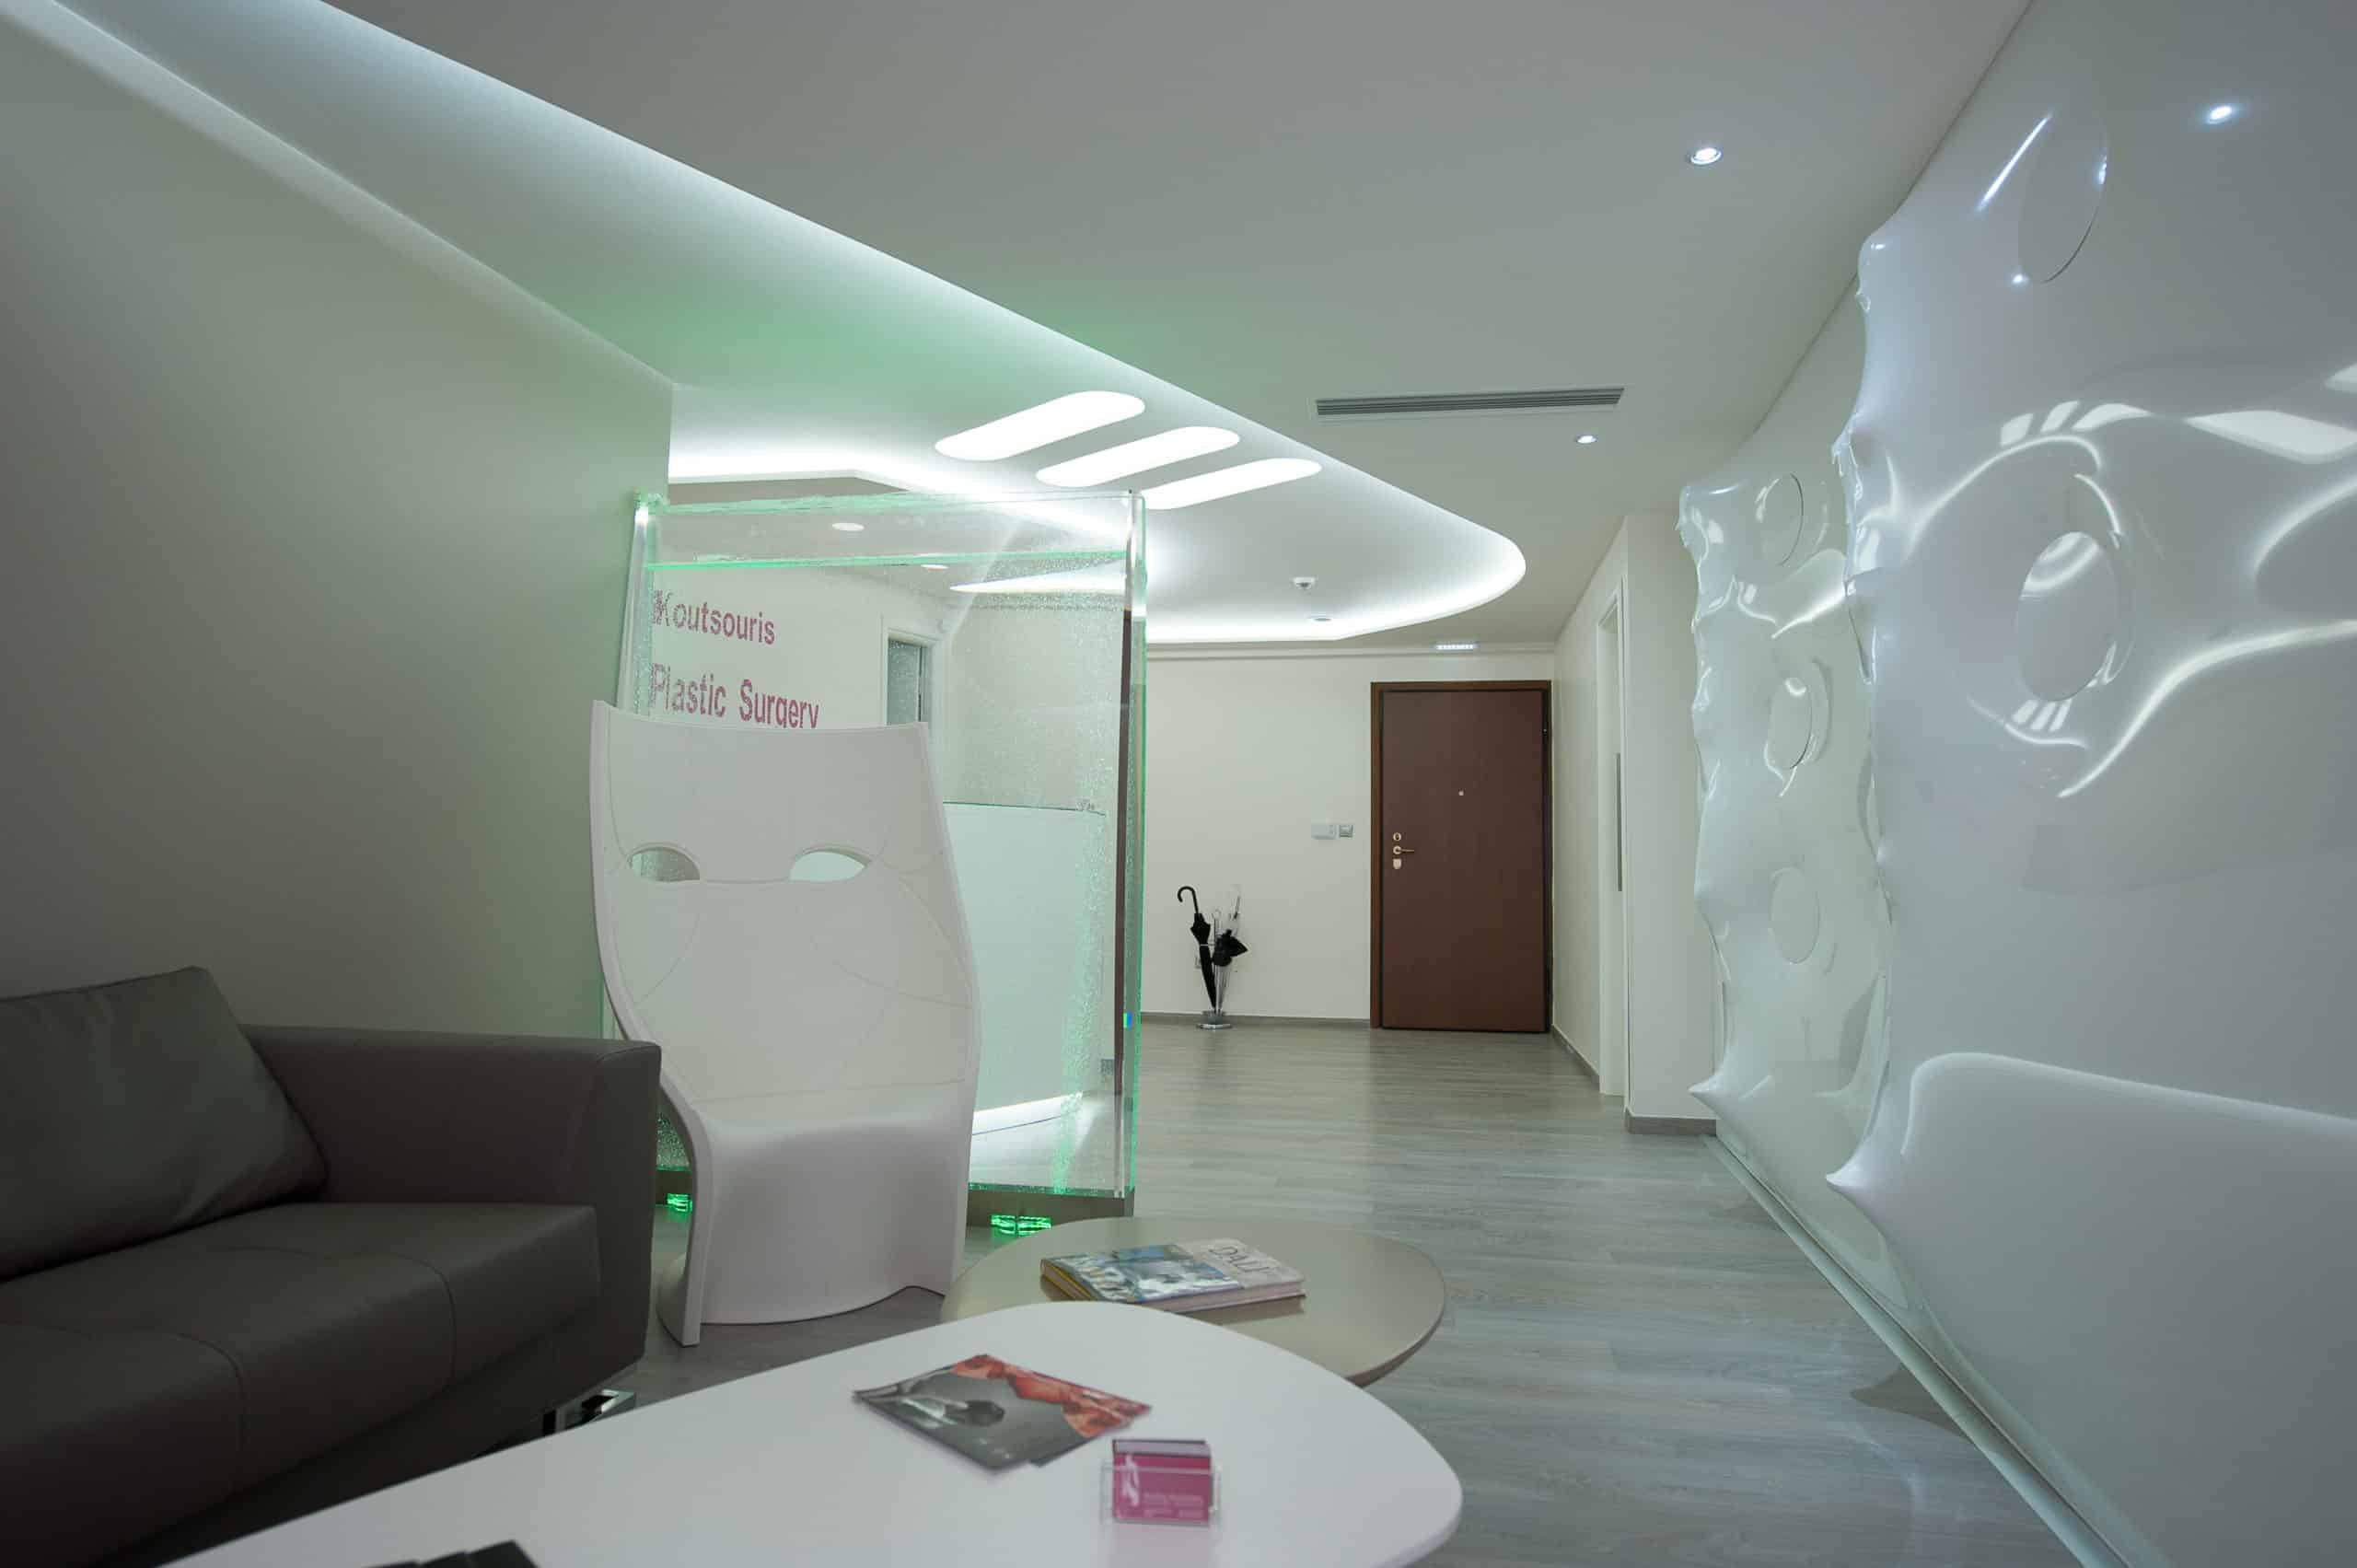 Ανακαίνιση και εξοπλισμός Ιατρείου Πλαστικής Χειρουργικής στην Τρίπολη